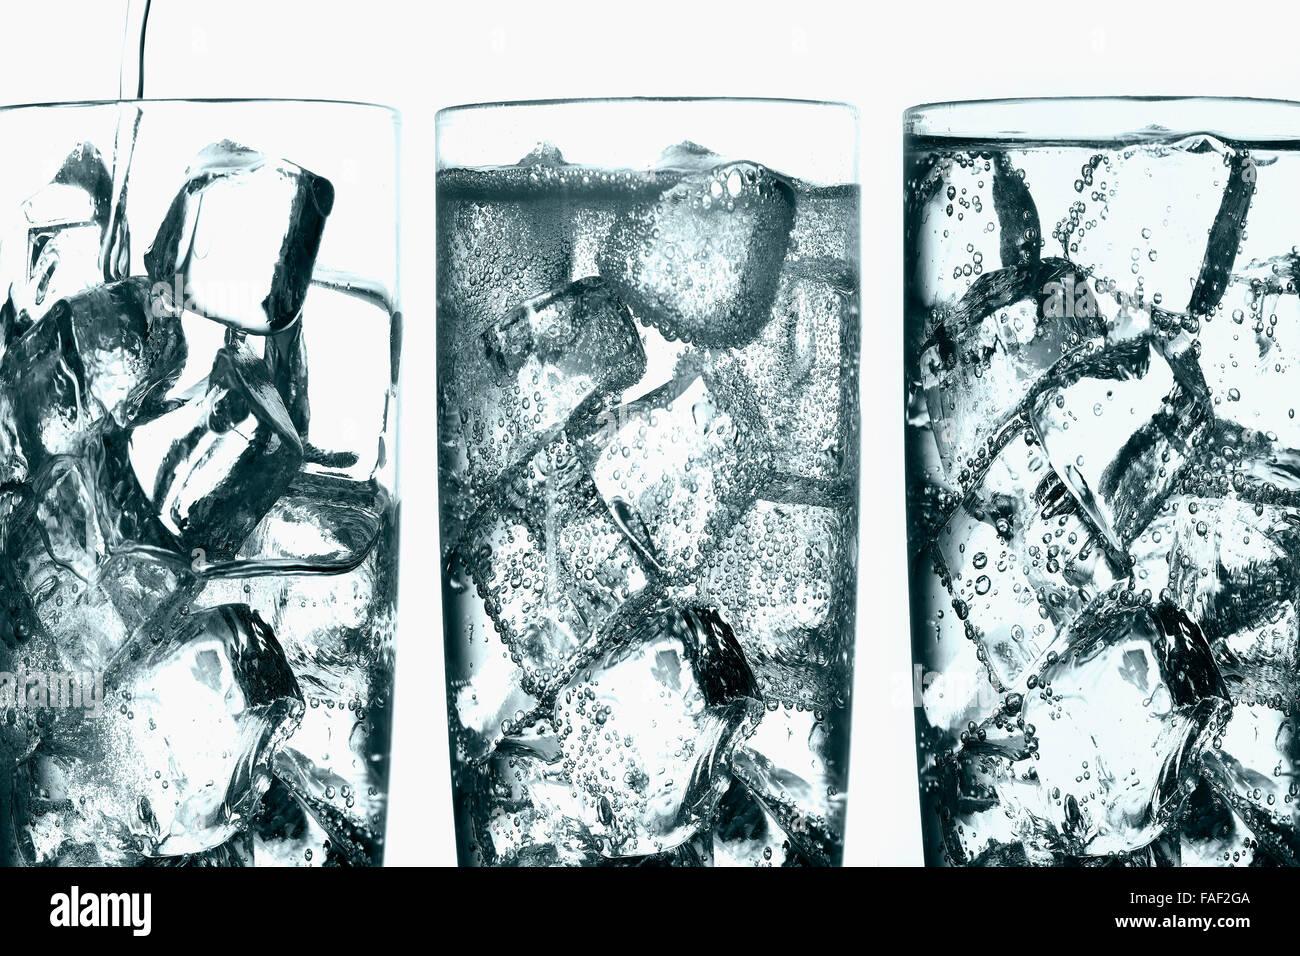 Composición fotográfica que muestra las tres fases de la ceniza que se vierte sobre hielo en un vaso de vidrio. Foto de stock